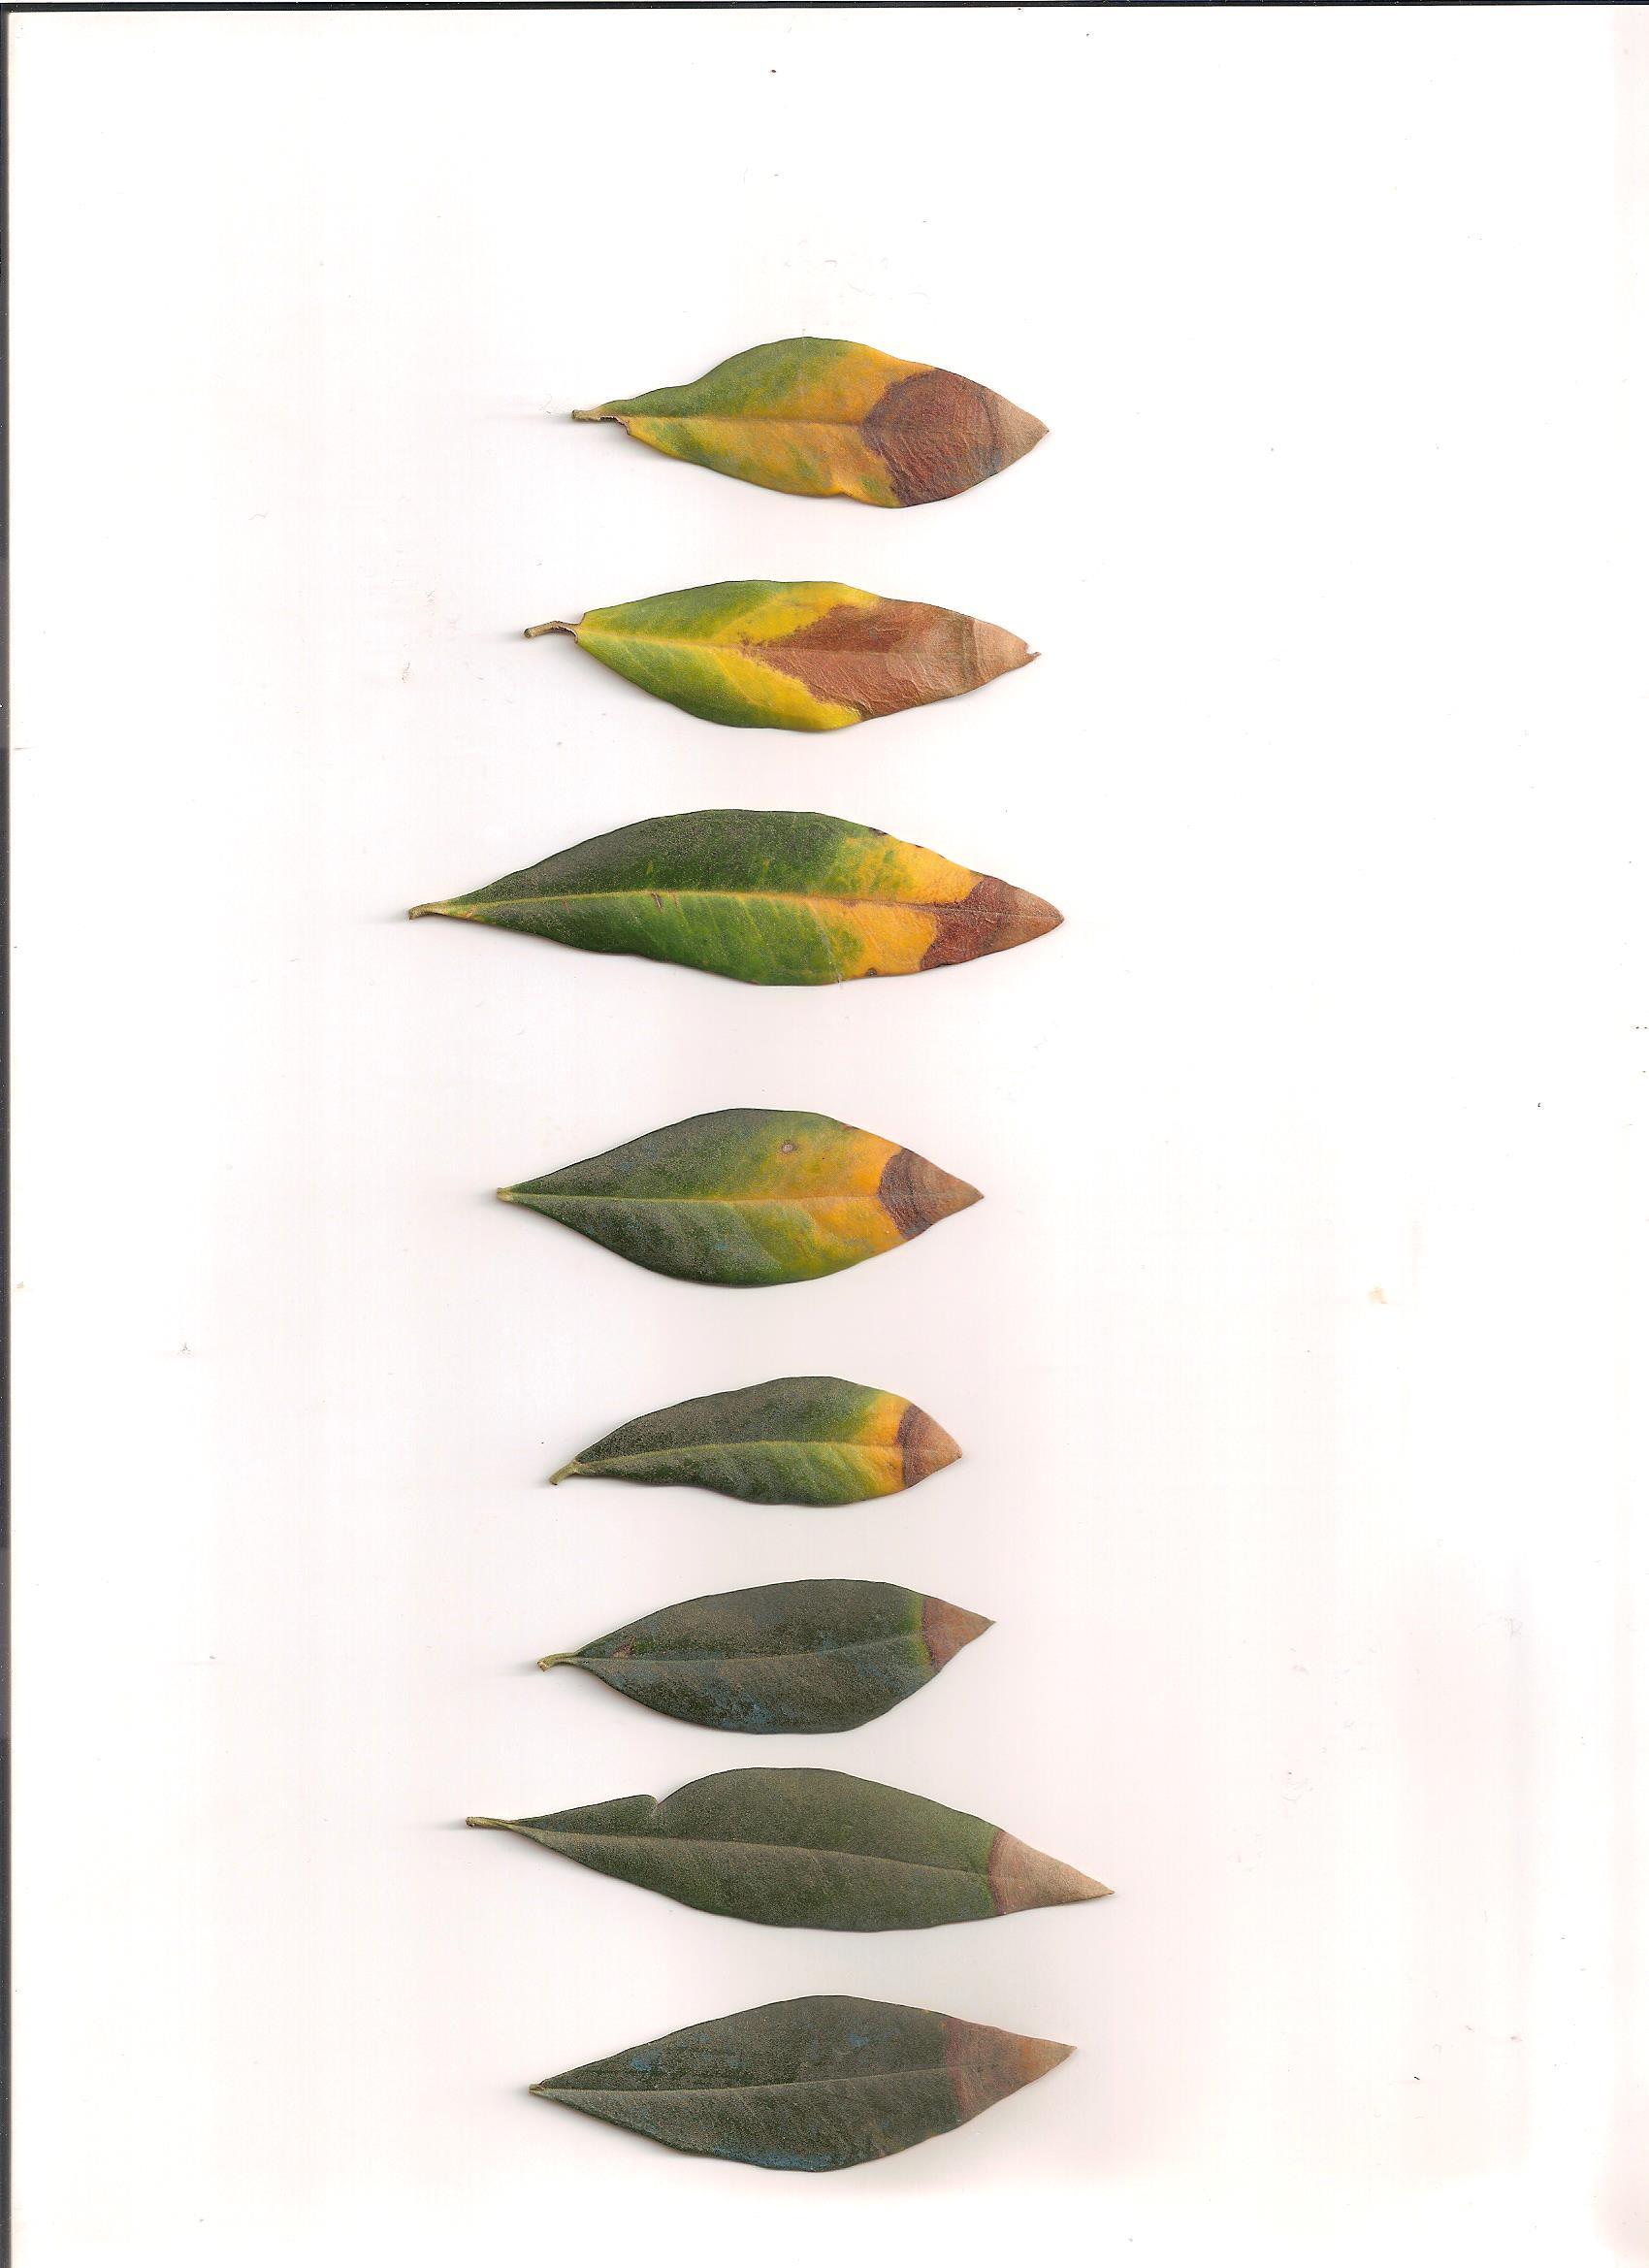 Calendario Dei Trattamenti Dellolivo.Associazione Interprovinciale Produttori Olivicoli Lombardi